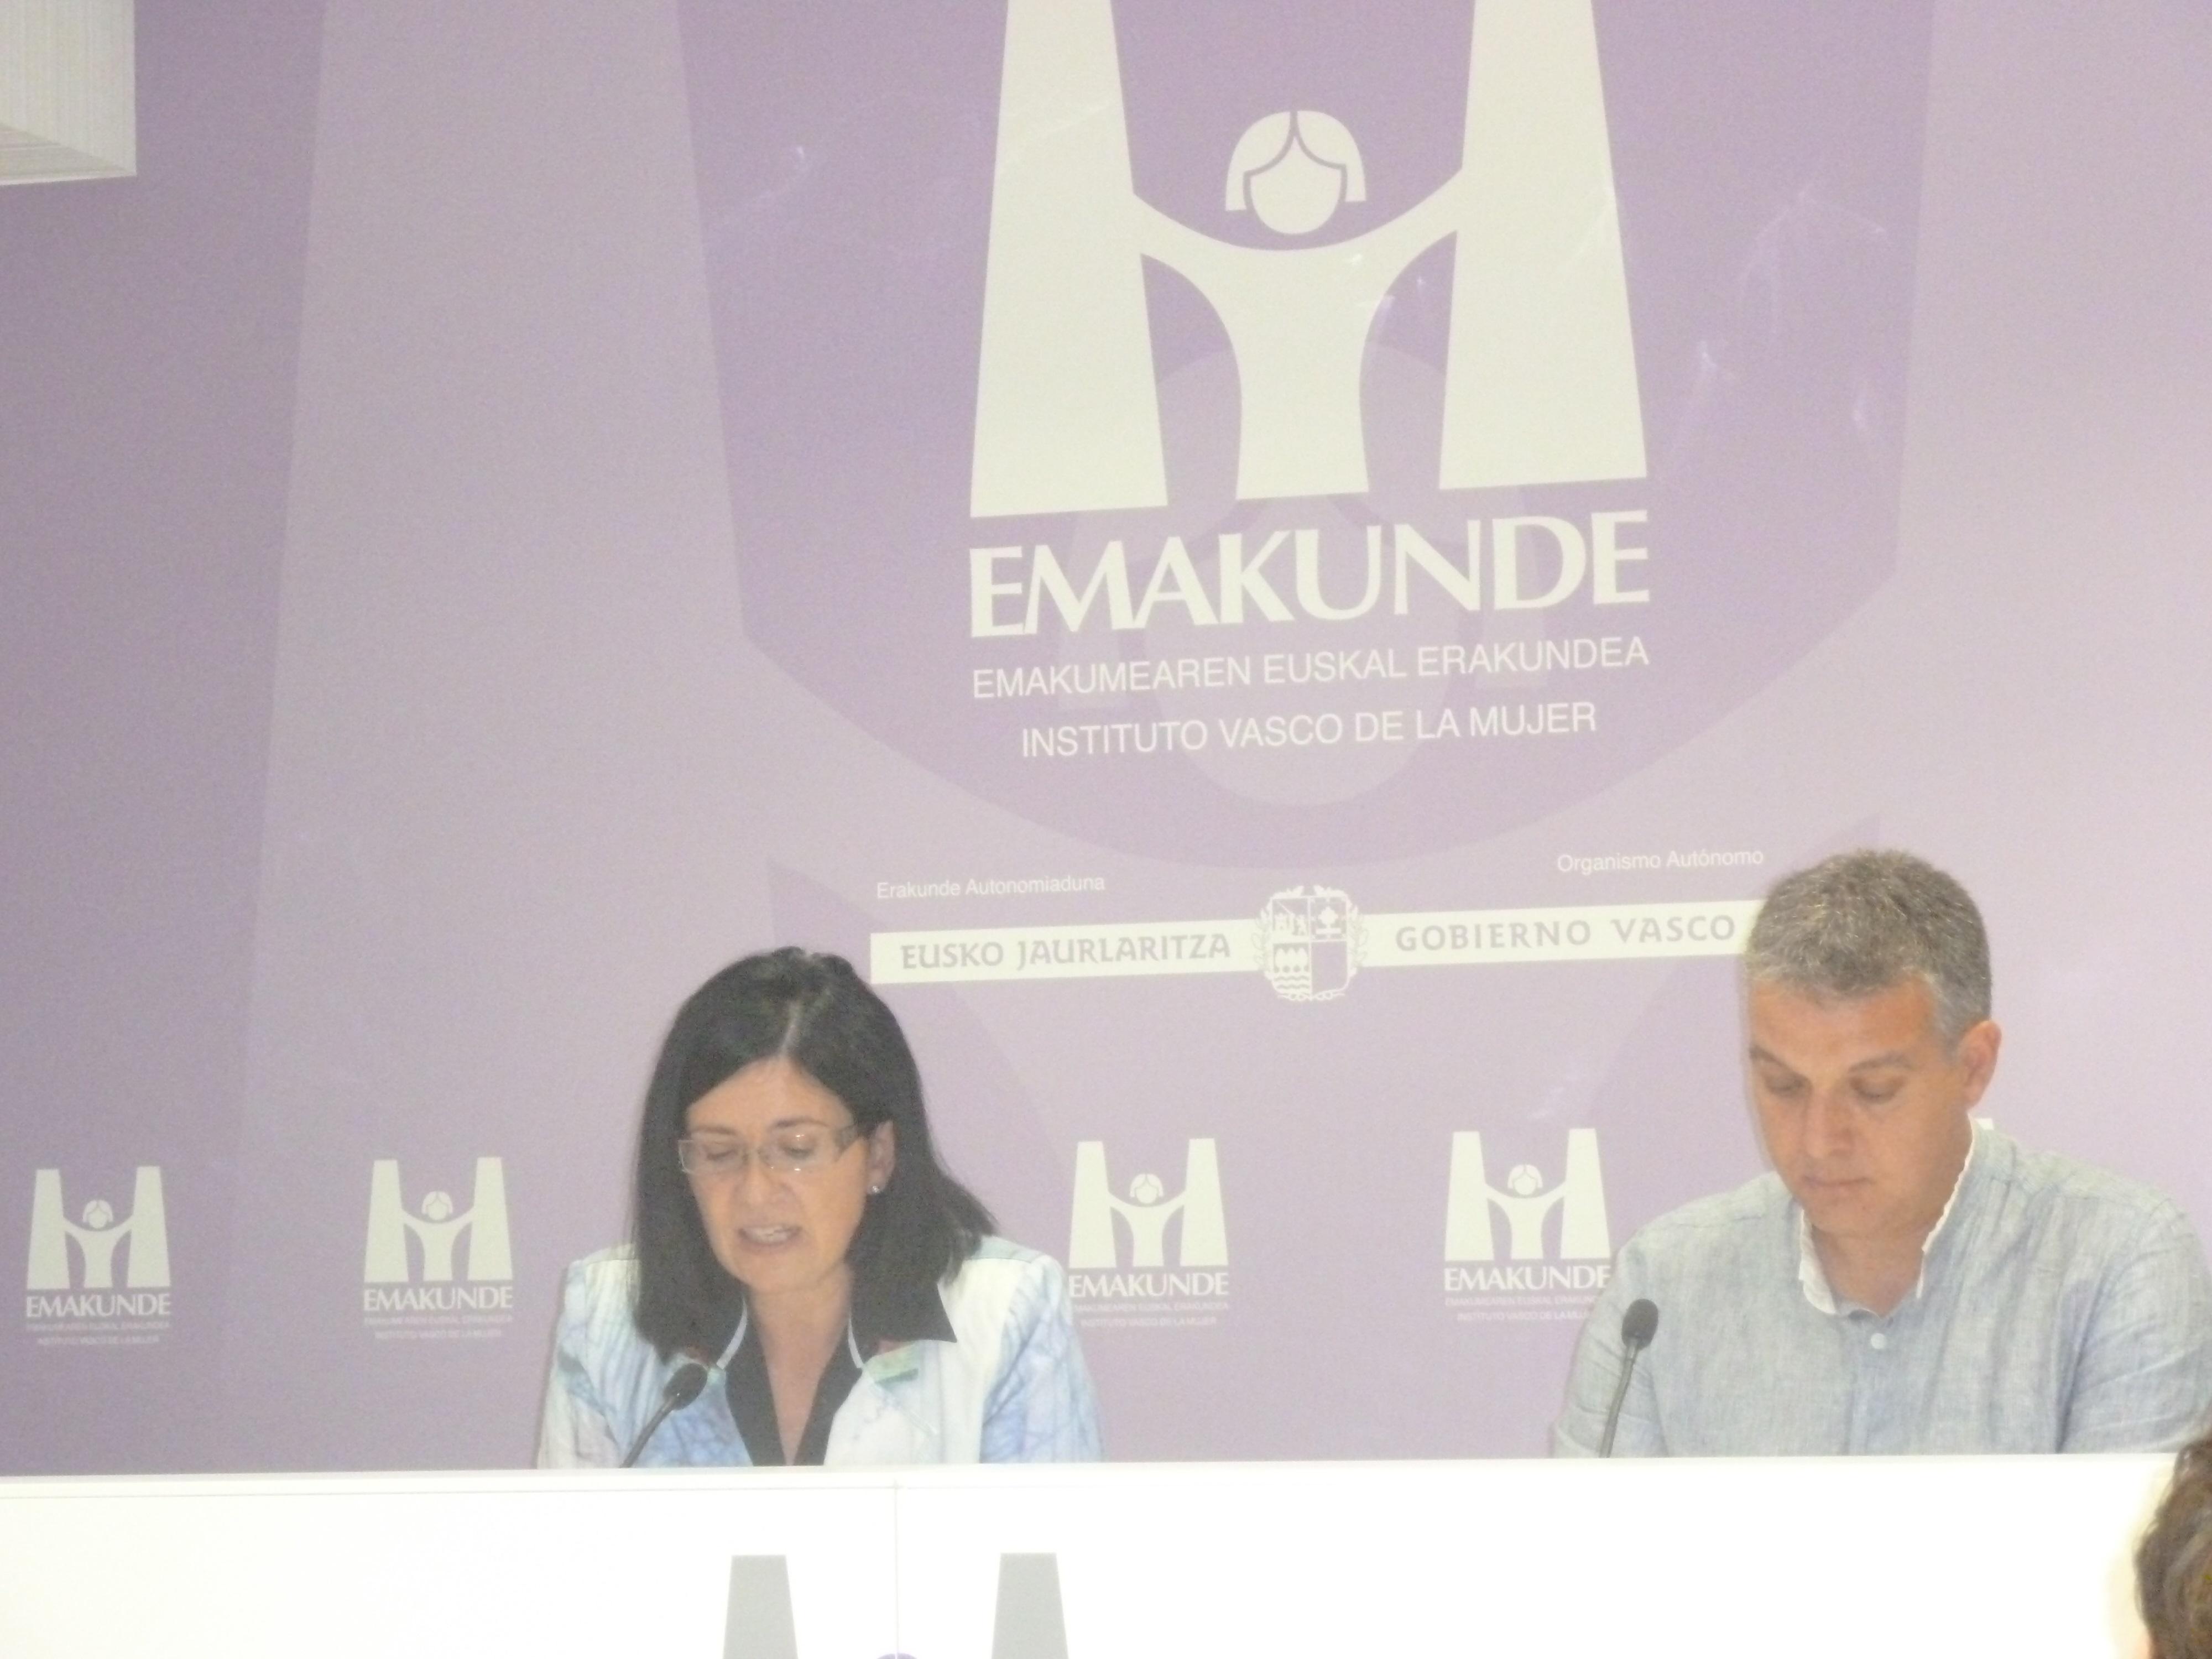 Emakunde dice que a pesar de las denuncias falsas, hay tomar las agresiones sexuales «con la importancia que tienen»